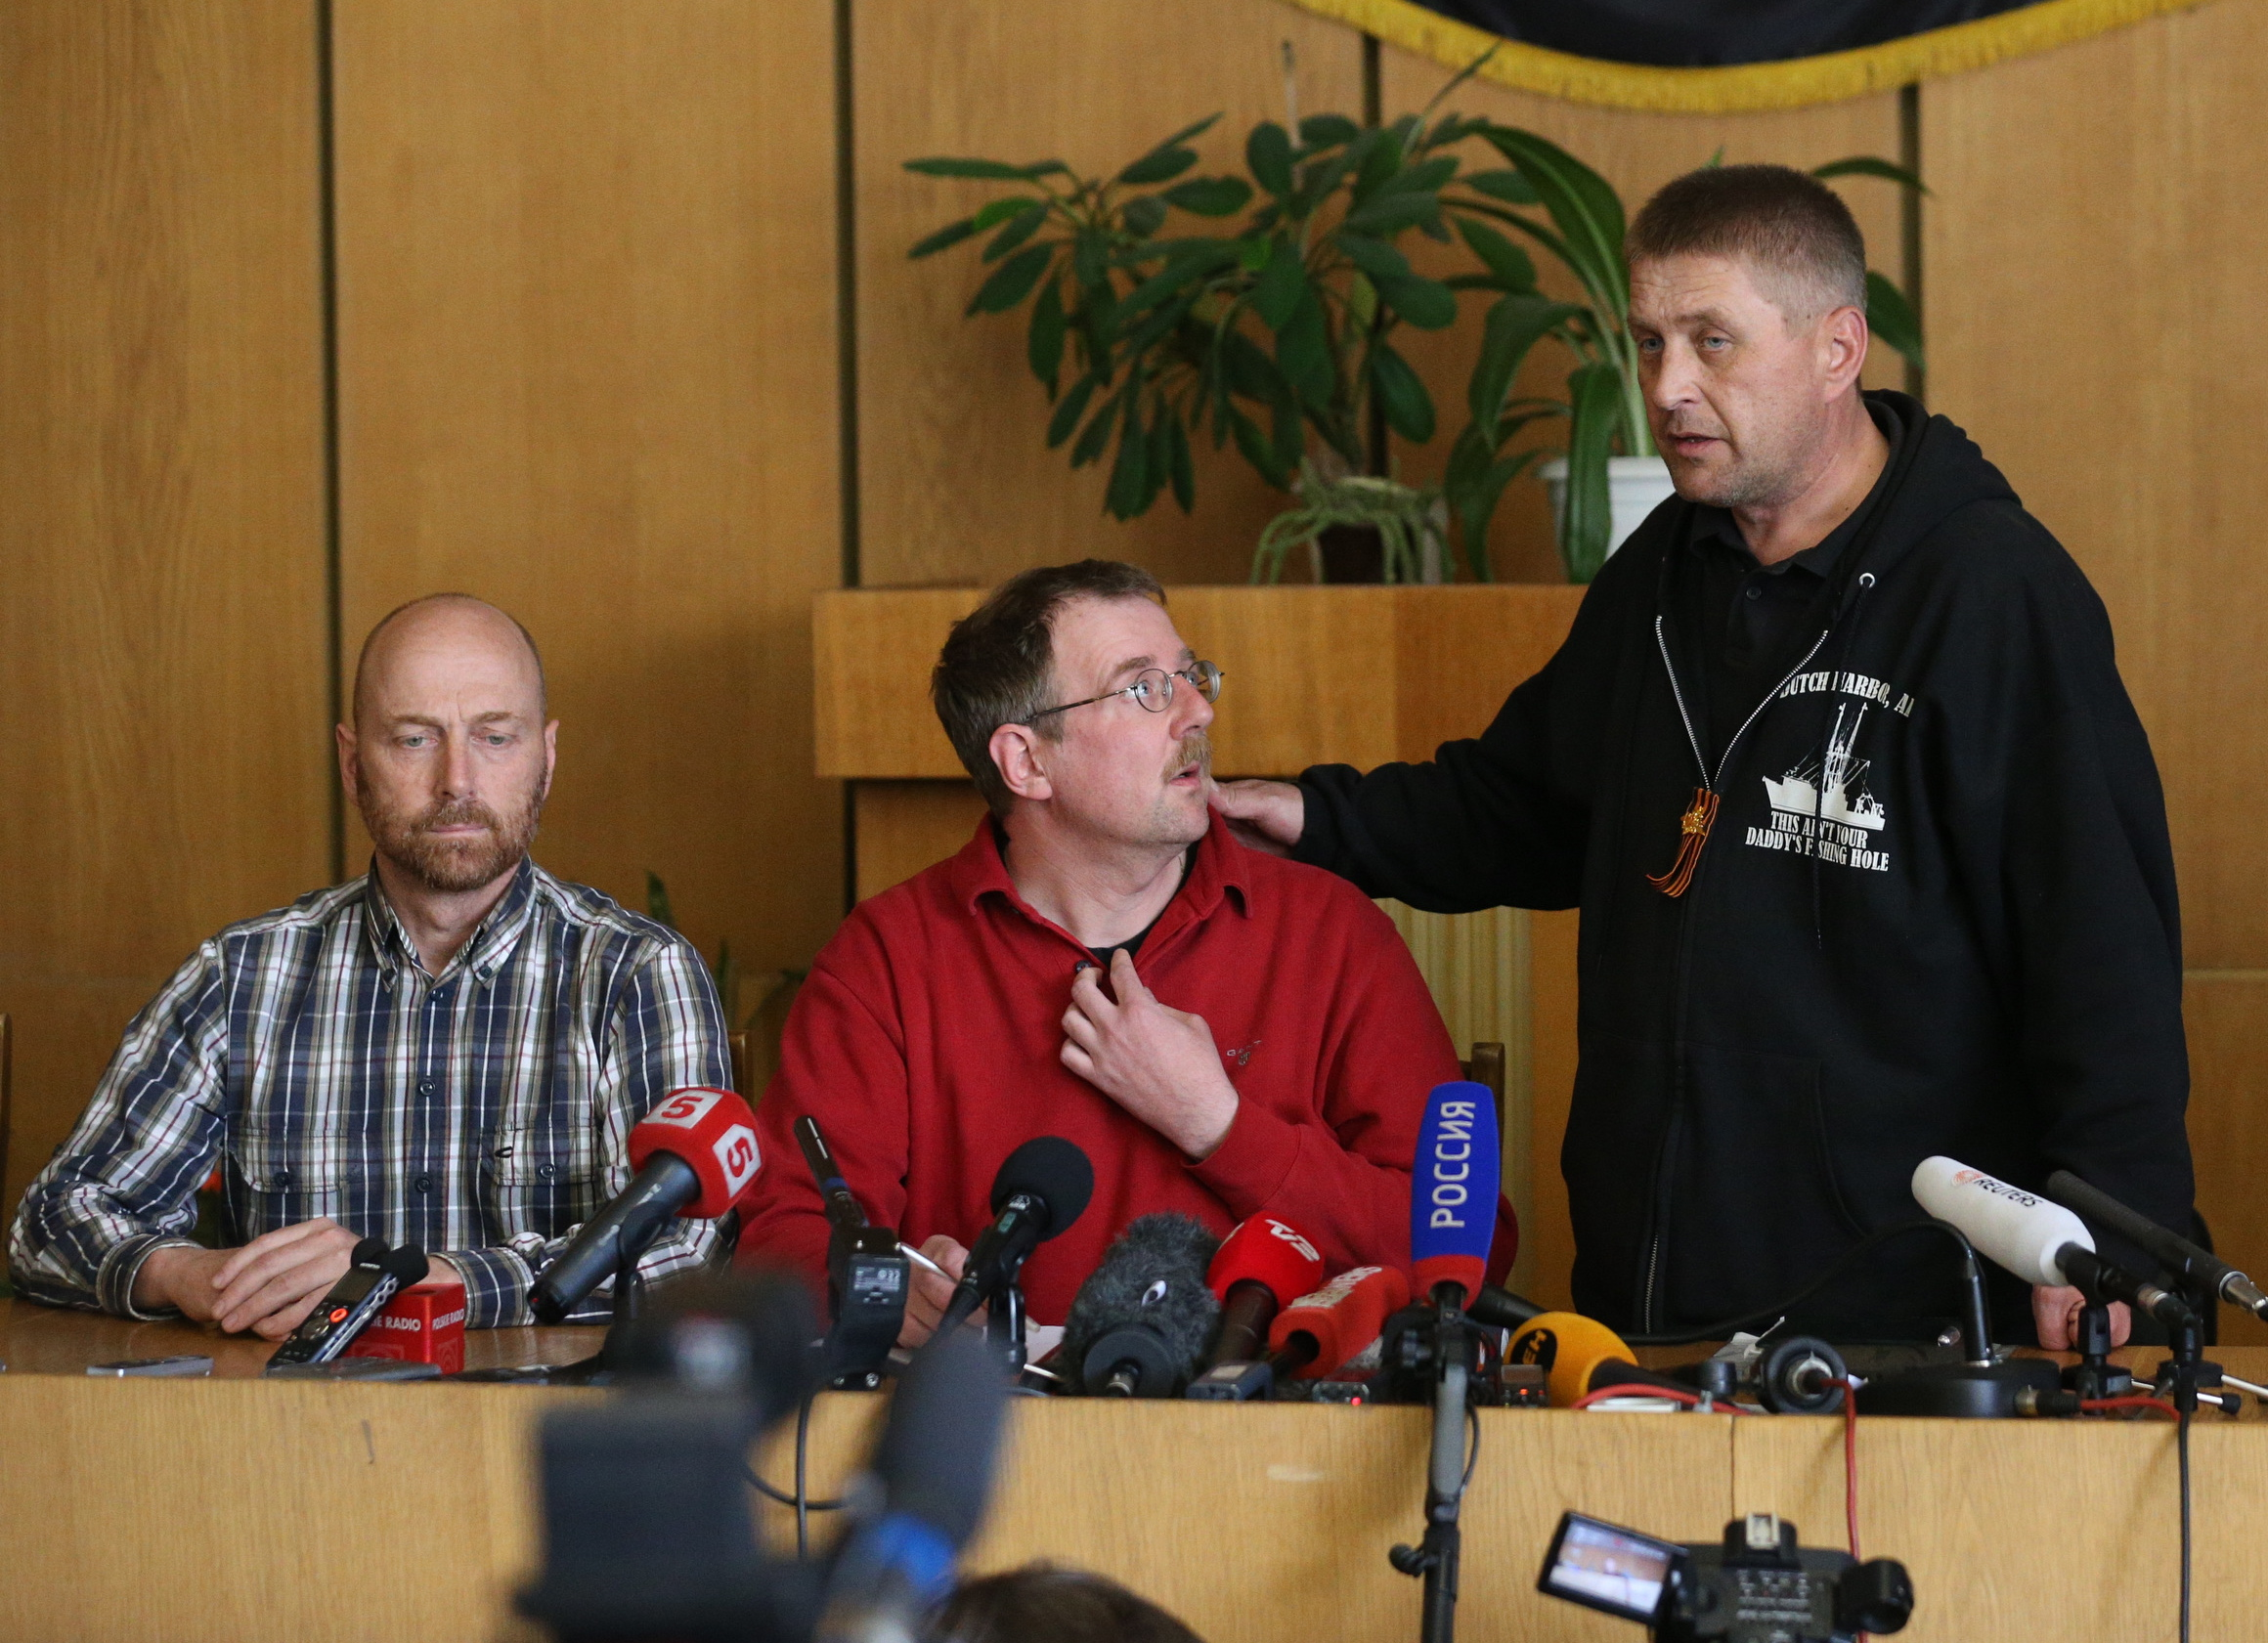 Члены делегации военных наблюдателей ОБСЕ и самопровозглашенный мэр Славянска Вячеслав Пономарев во время пресс-конференции в здании СБУ